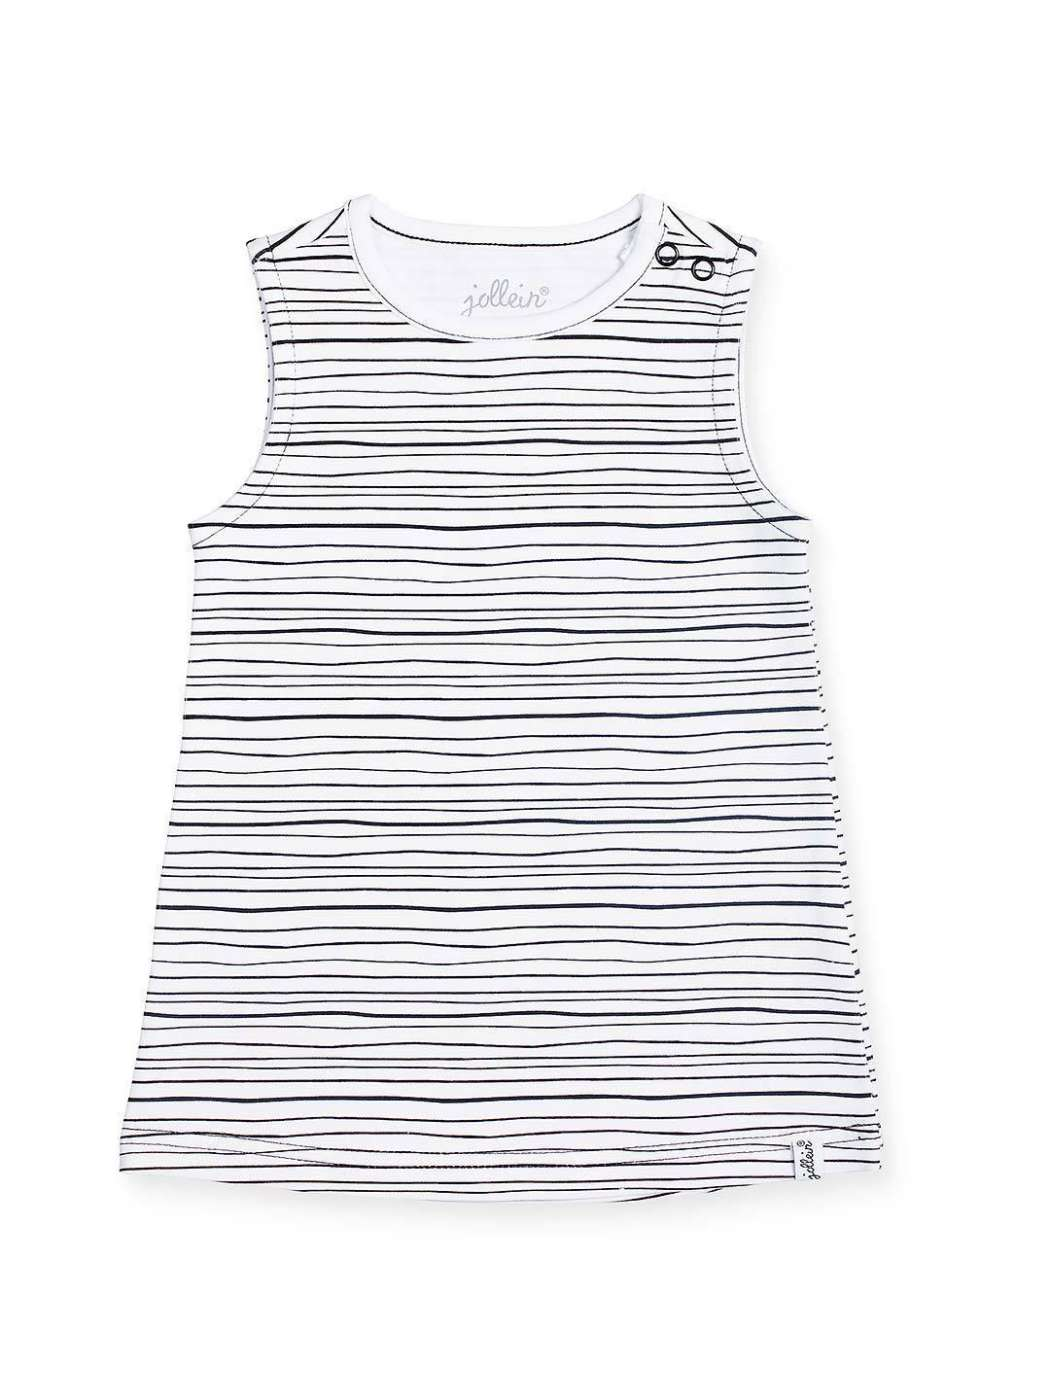 Black_stripes_945b4b16-6fb9-400d-9304-5e8c6942428c